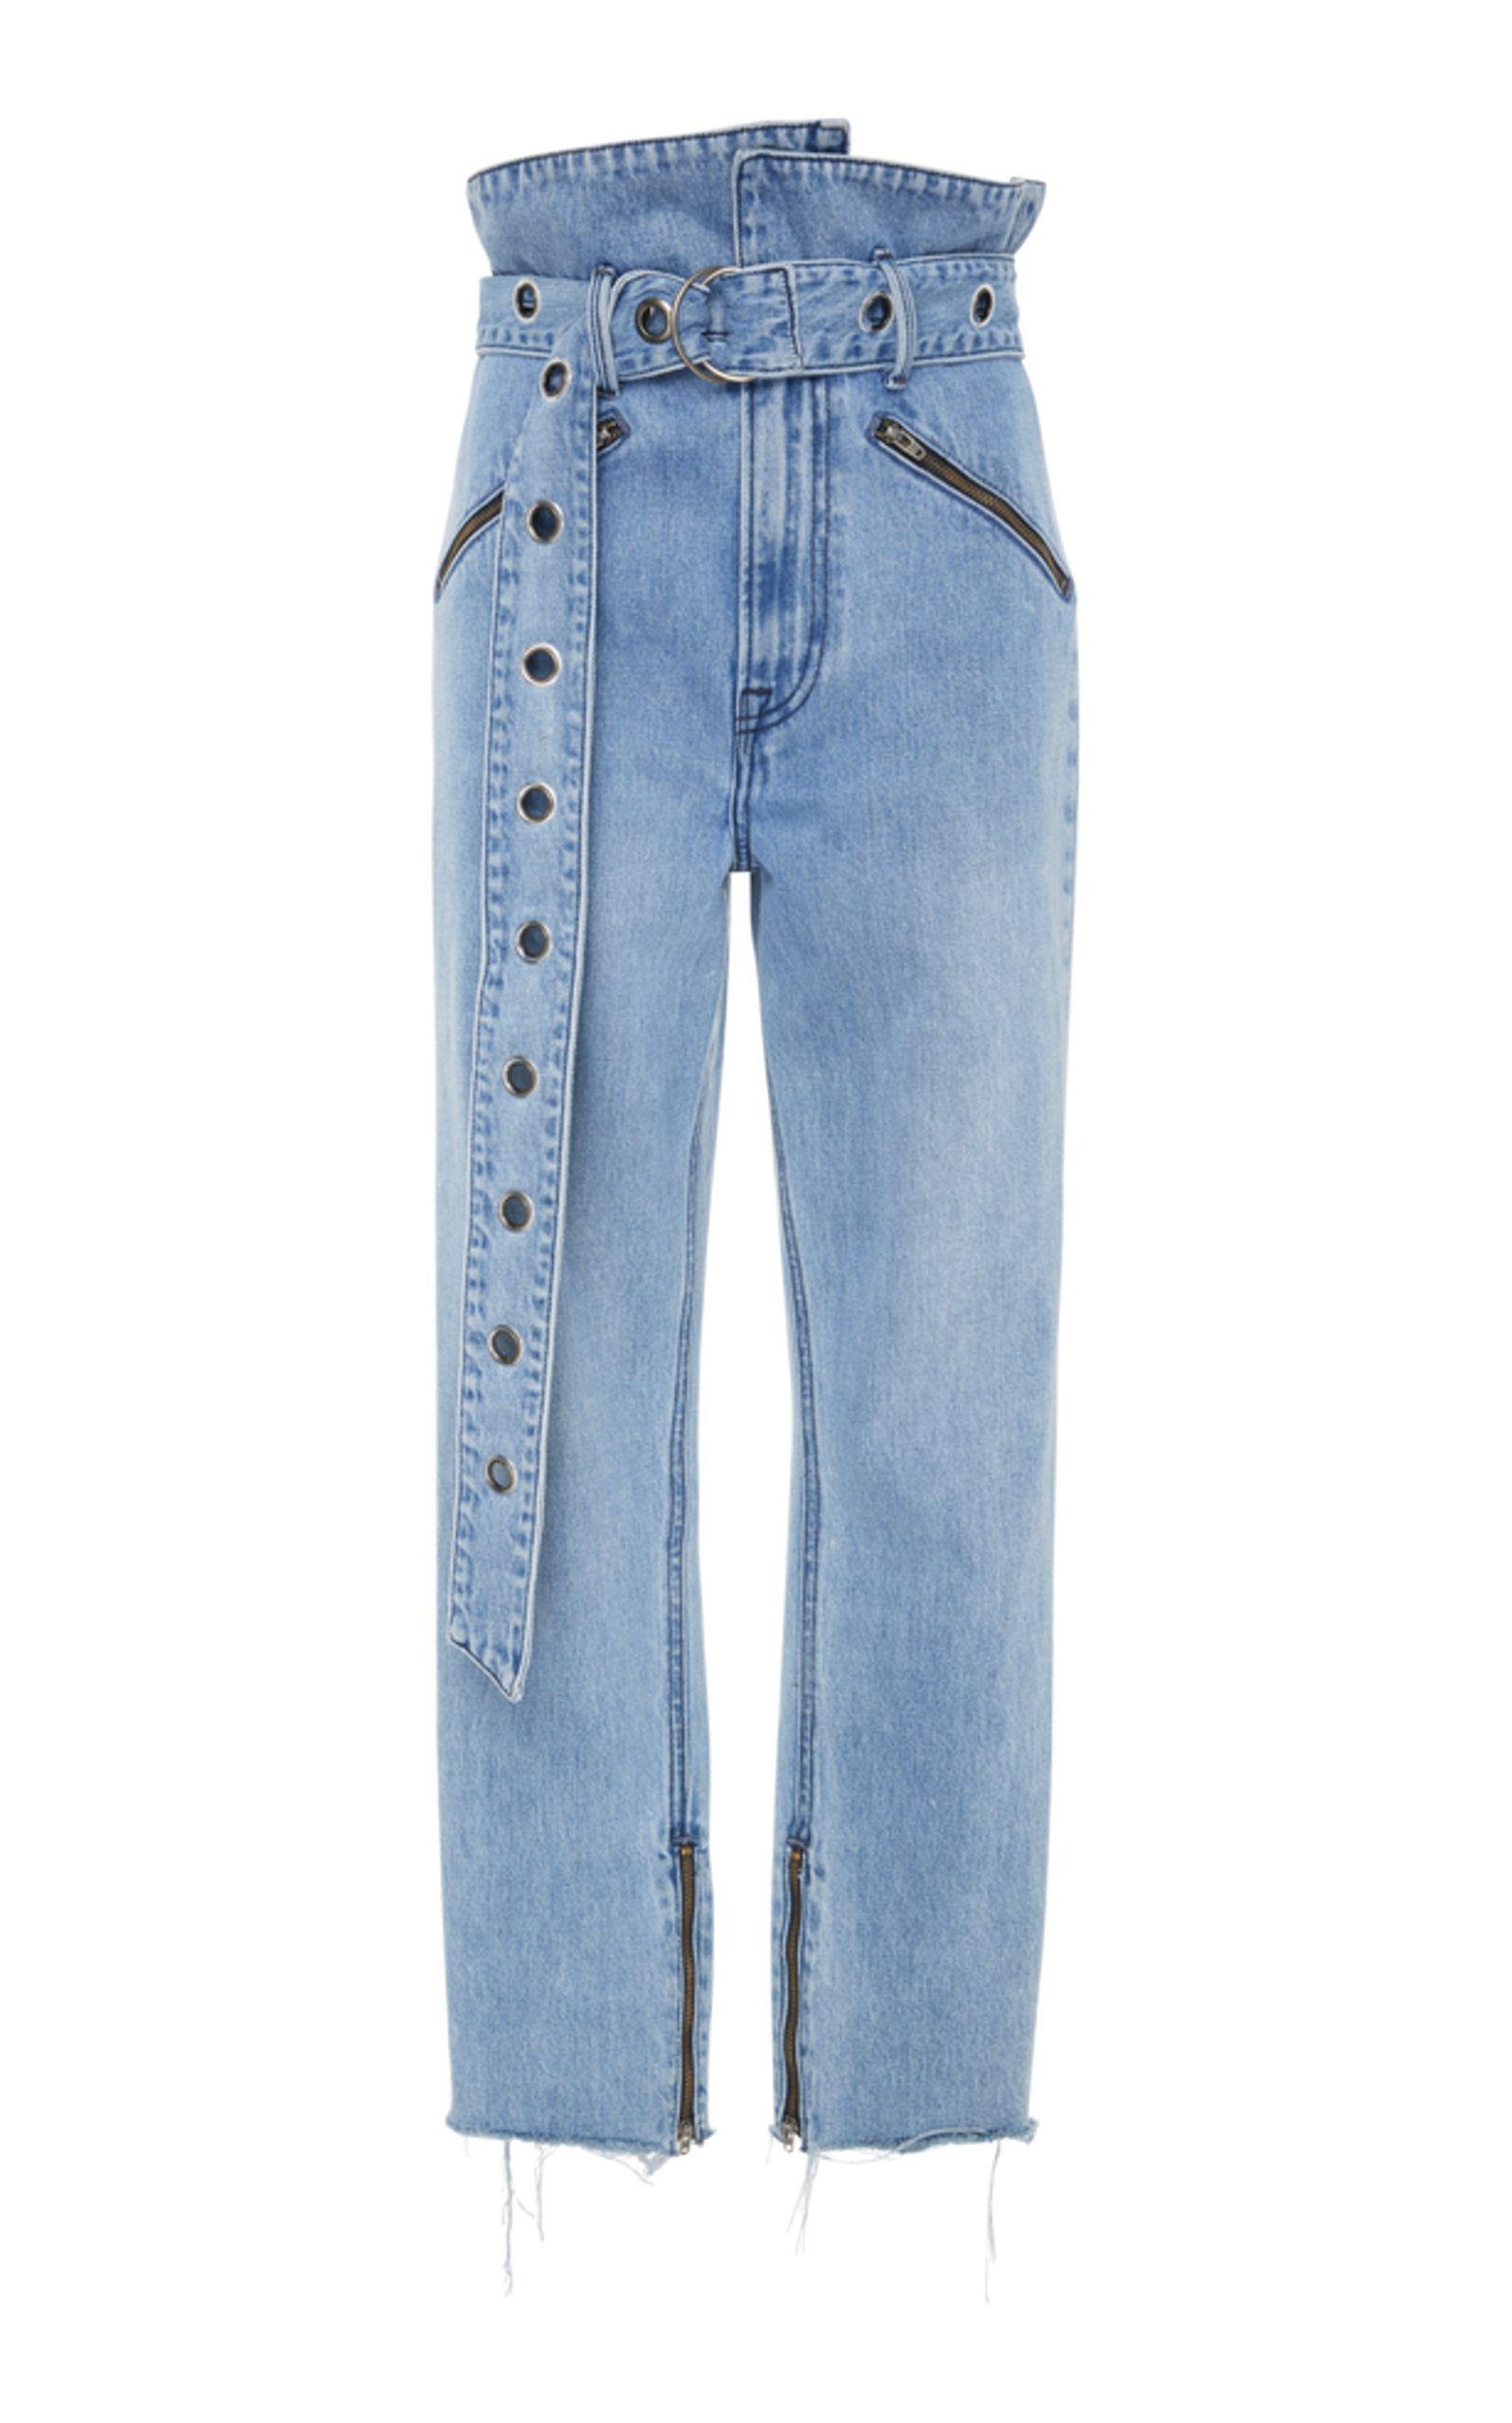 en Denim Operandi Grlfrnd de de de Moda Jeans recto corte rectos disponibles ahora Mia wqp8pOPf